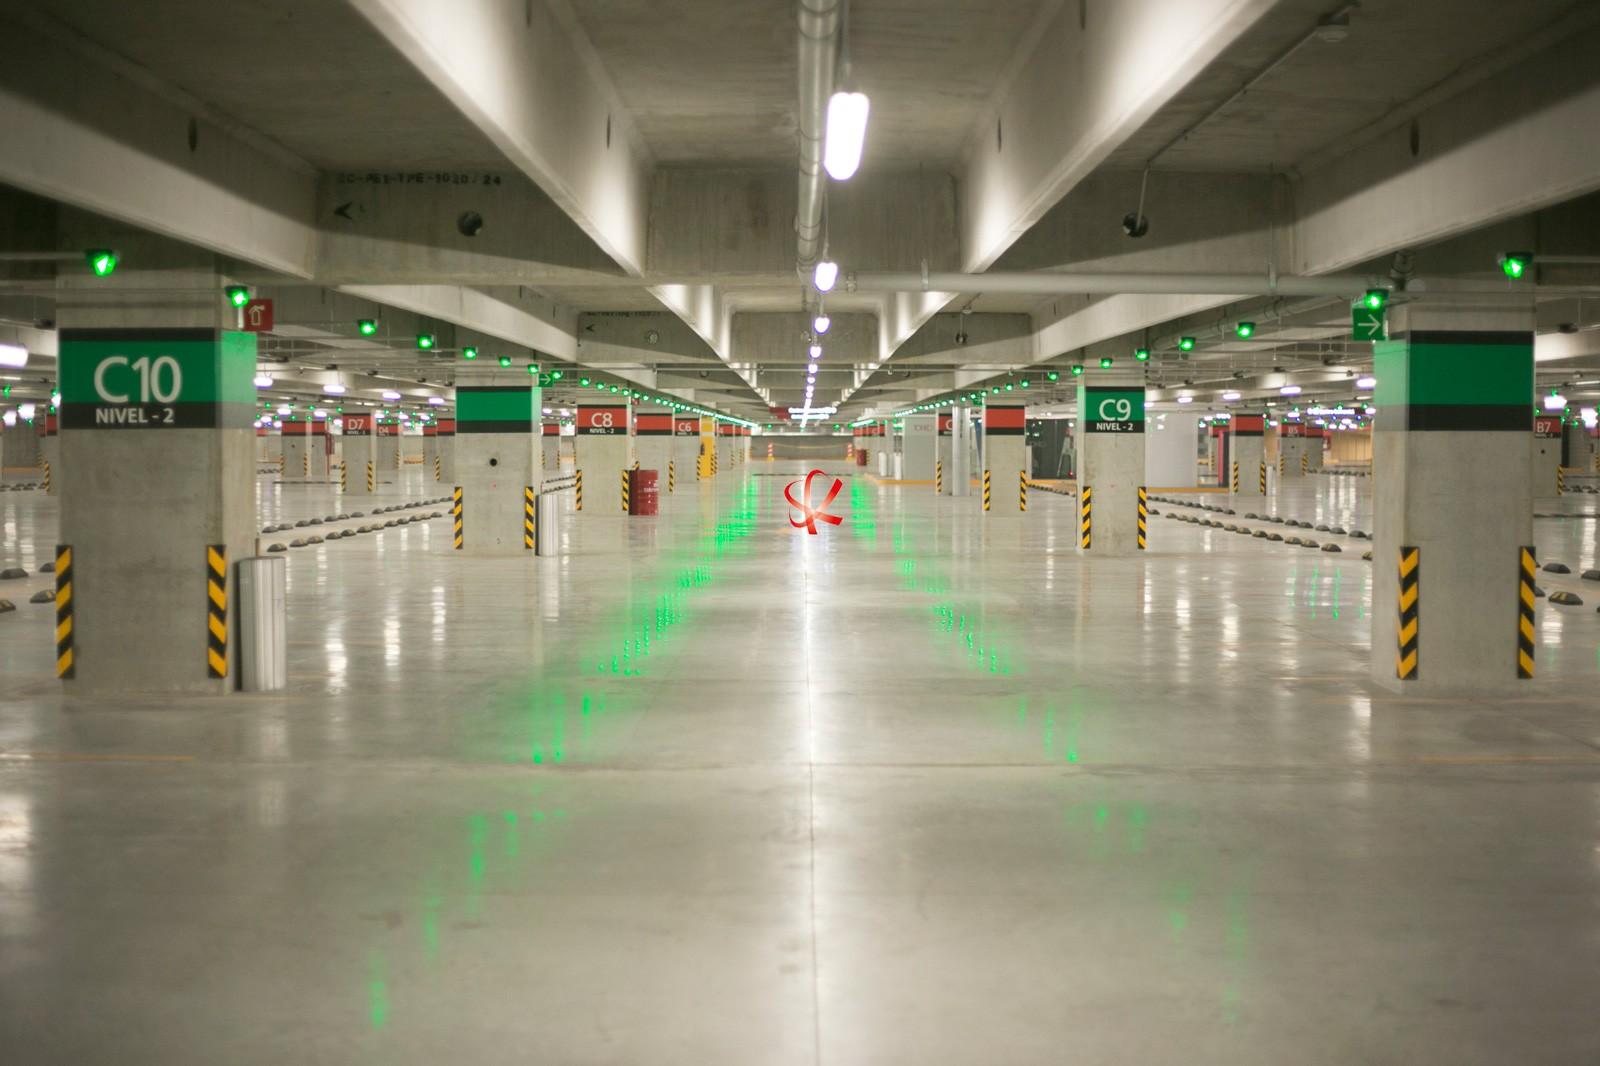 در گاراژهای هوشمند یک نرم افزار جامع سیستم با قابلیت نمایش پلان دو بعدی کامل پارکینگ قرار دارد